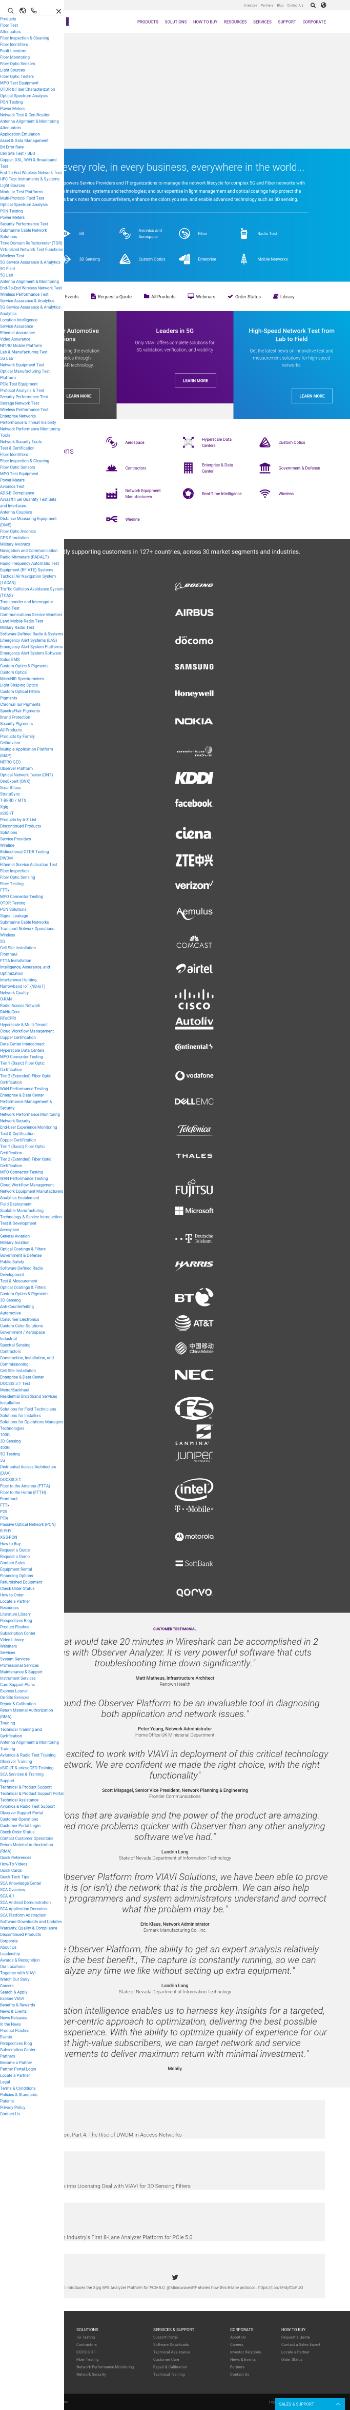 Viavi Solutions Inc. Website Screenshot